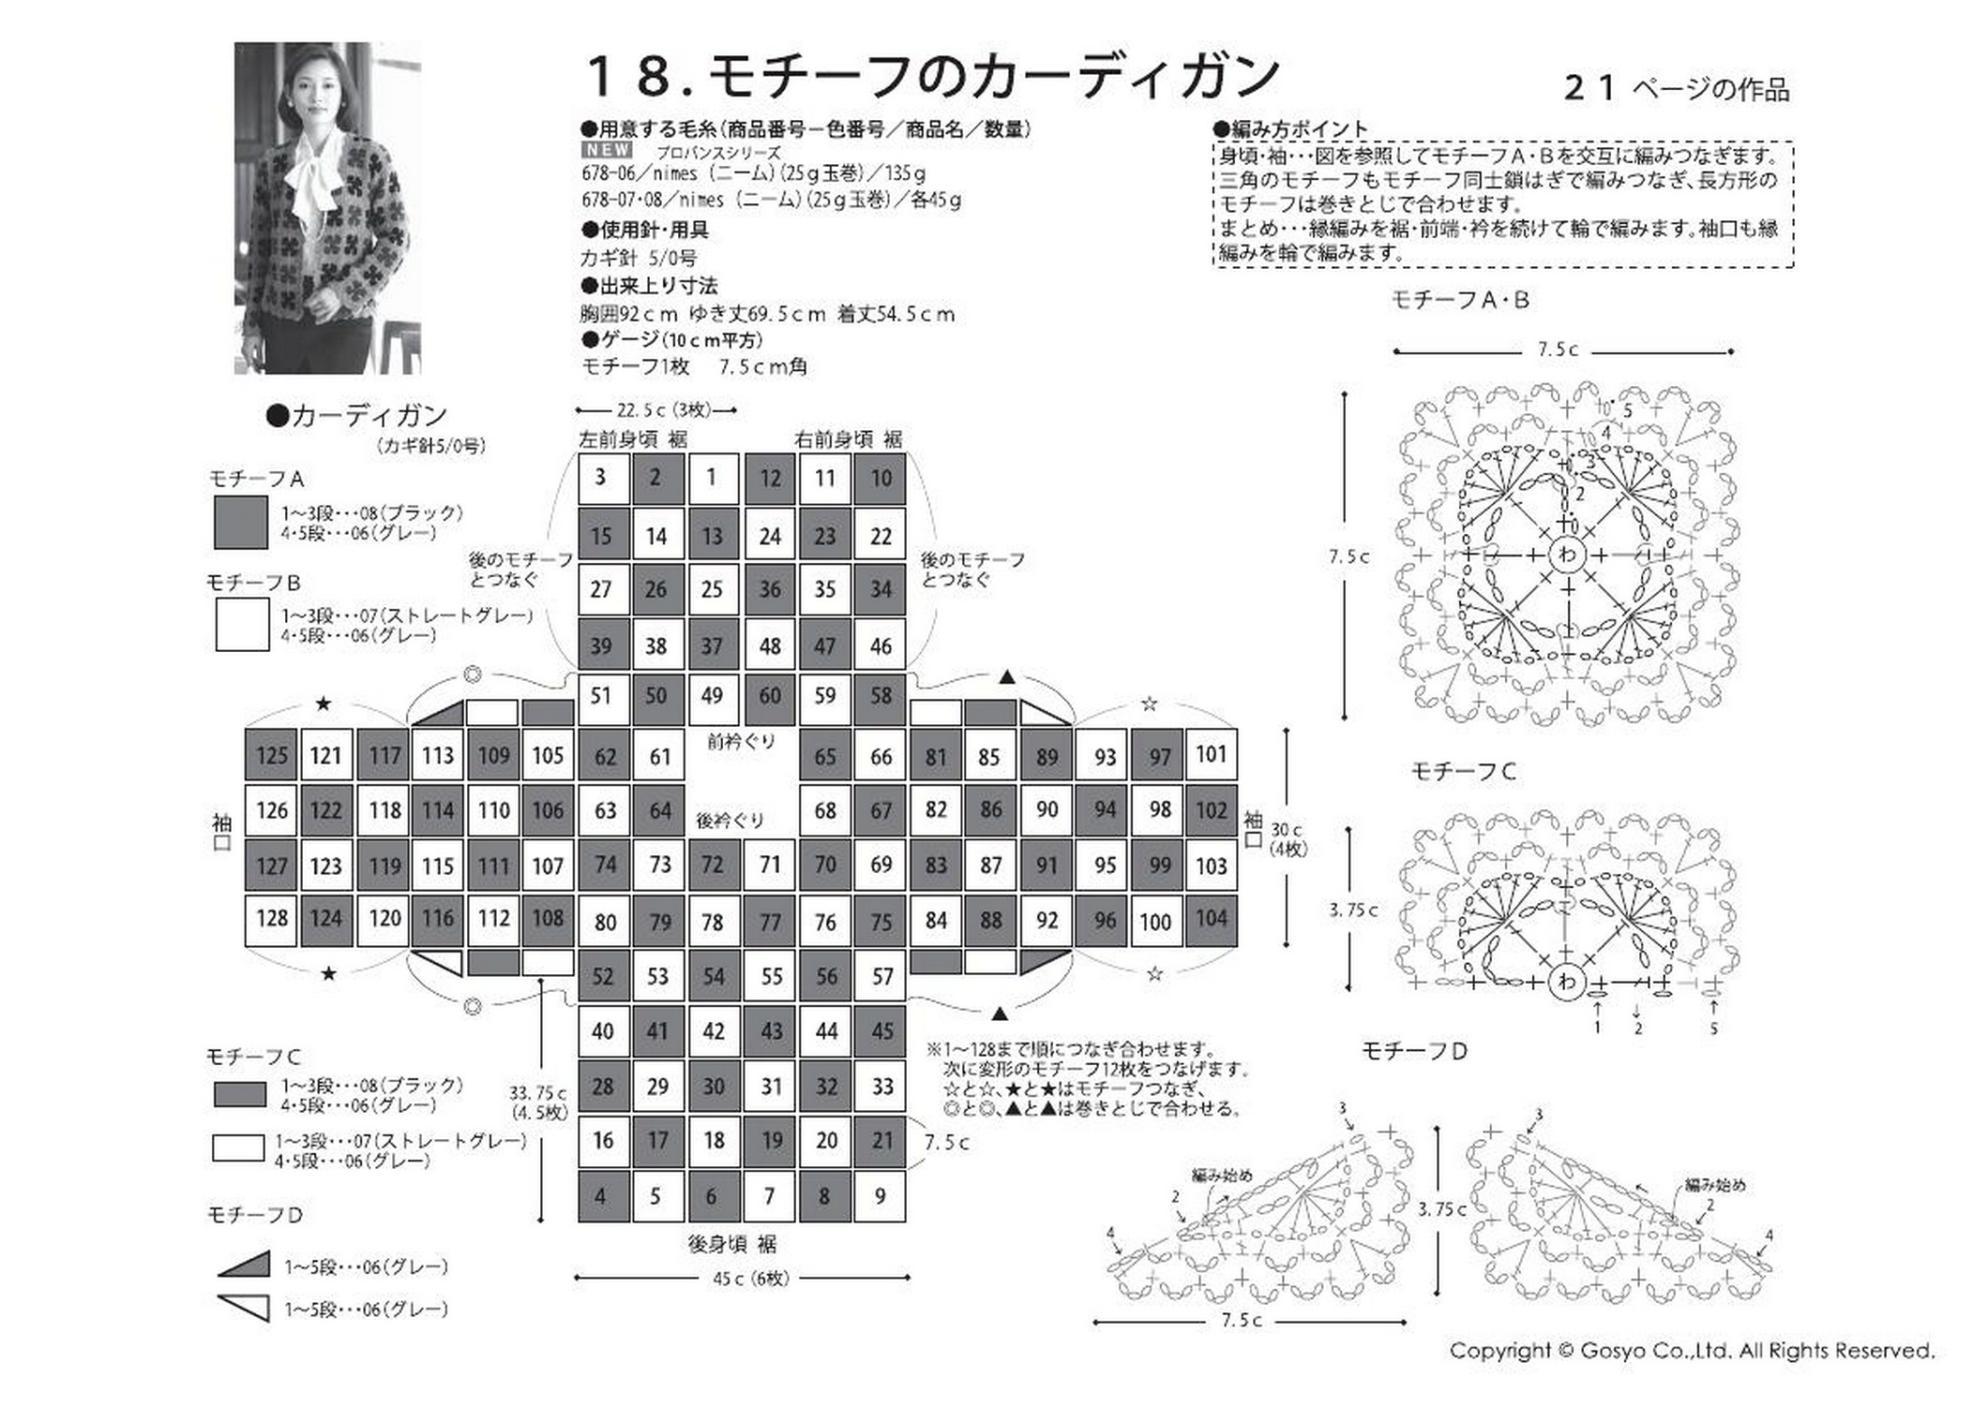 1992_Ange 12_021 (2)